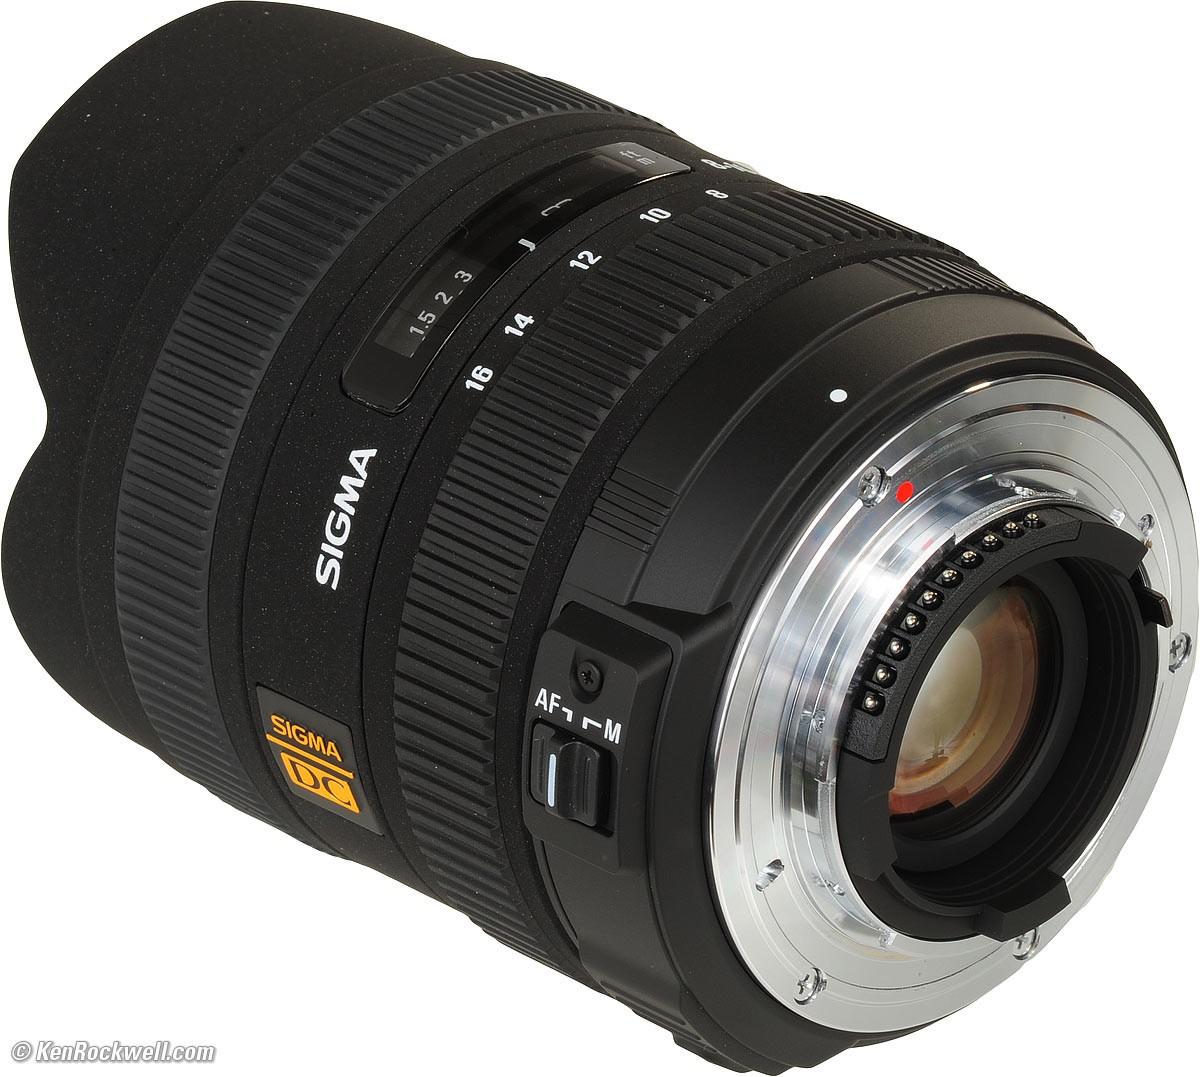 Obiettivo Sigma 8-16mm f/4.5-5.6 DC HSM (Nikon)